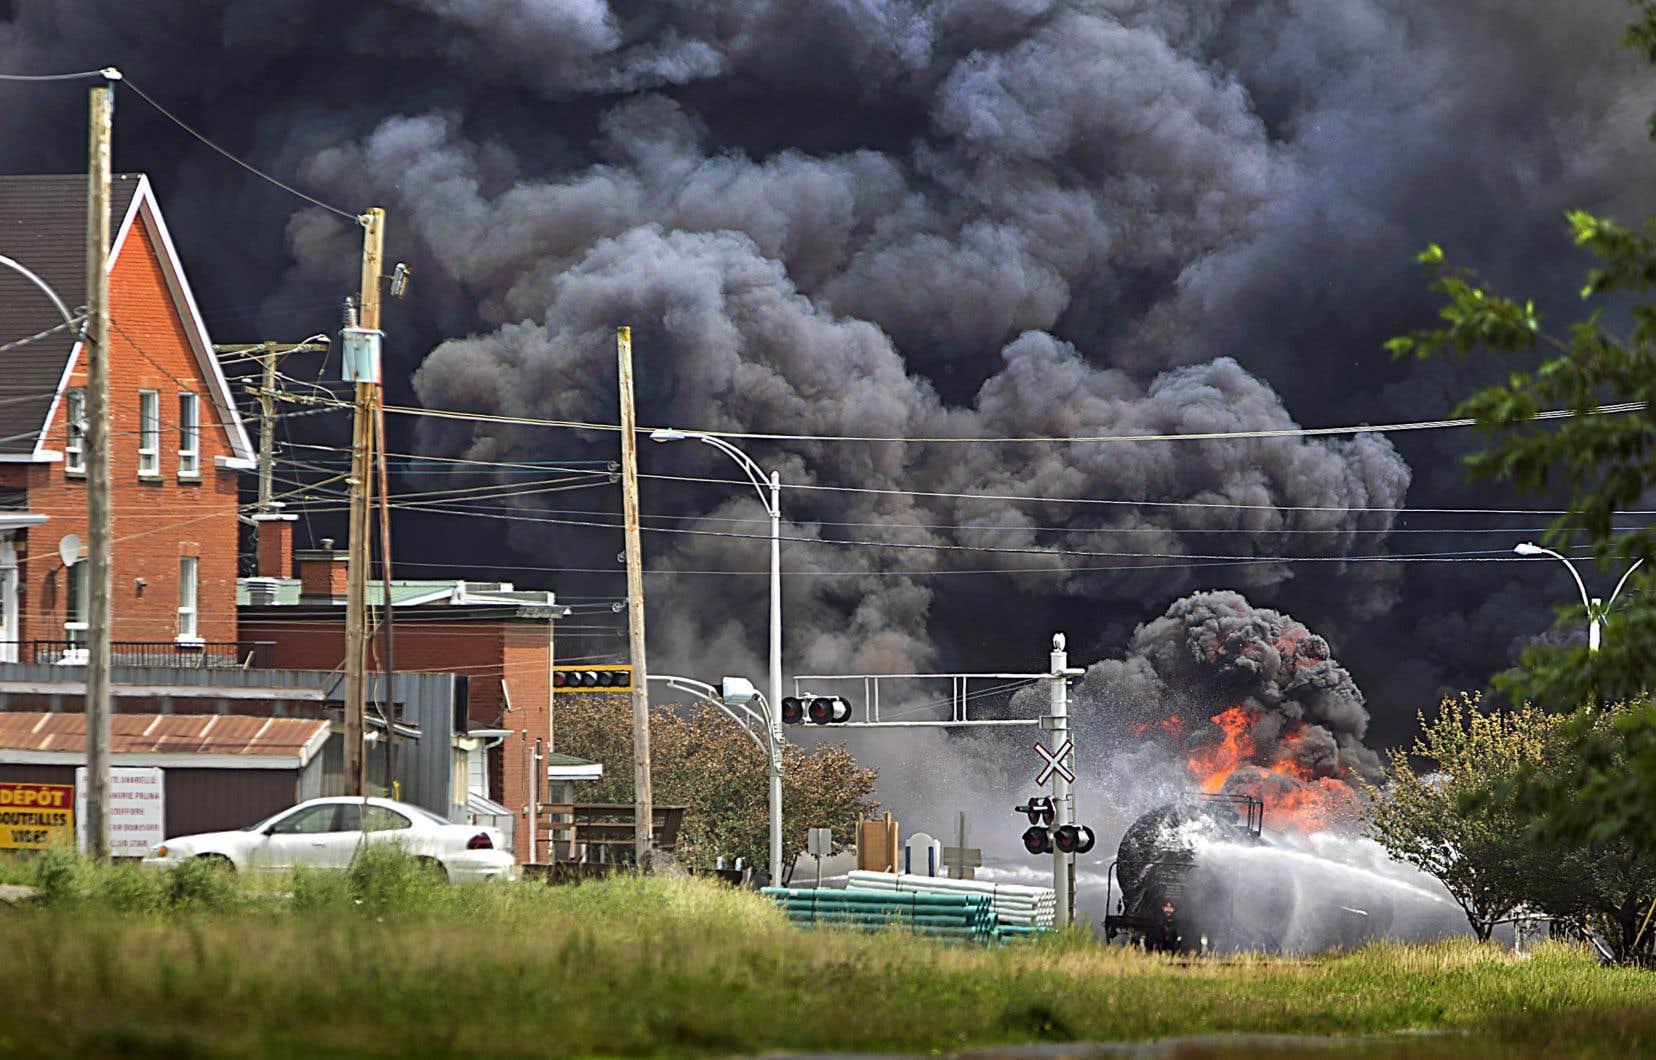 Le 6juillet 2013, un train fantôme gorgé de pétrole dévale à toute vitesse la pente menant au centre-ville de Lac-Mégantic. Dans une succession d'explosions causées par le déraillement du train, 47 vies s'envolent.